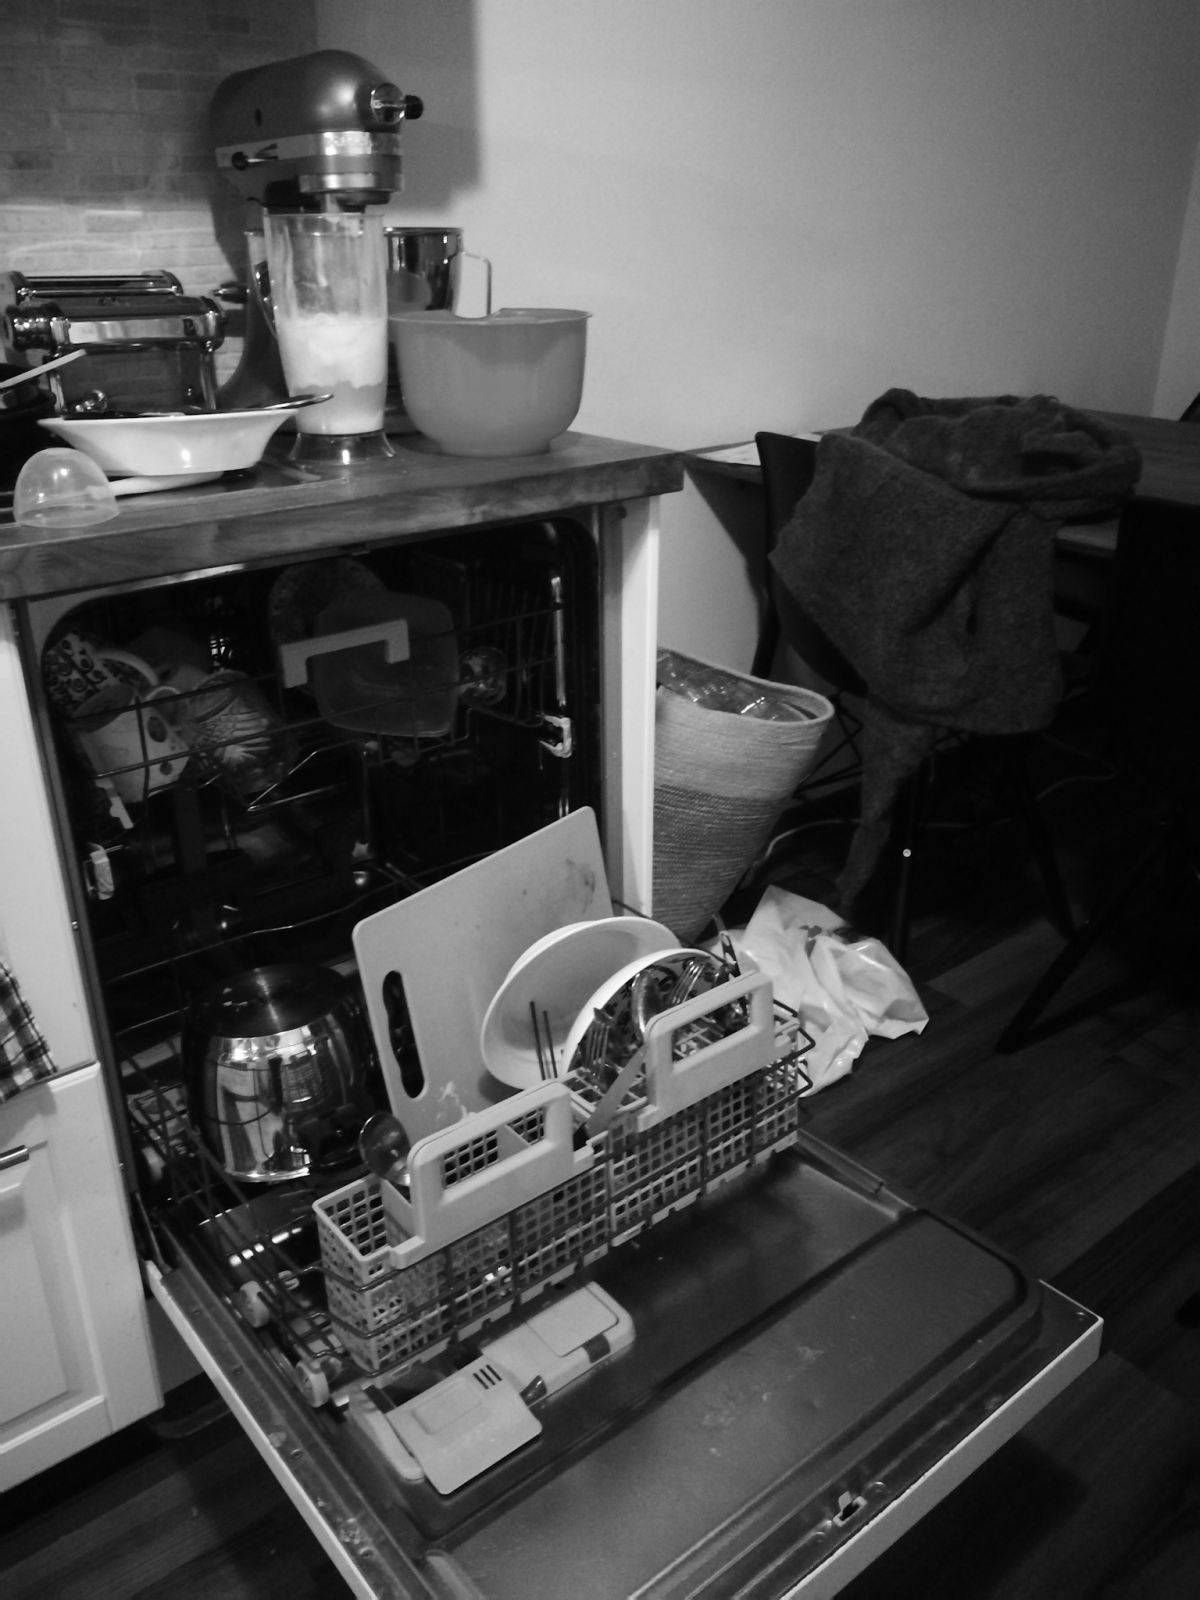 Kuka tyhjentää tiskikoneen?